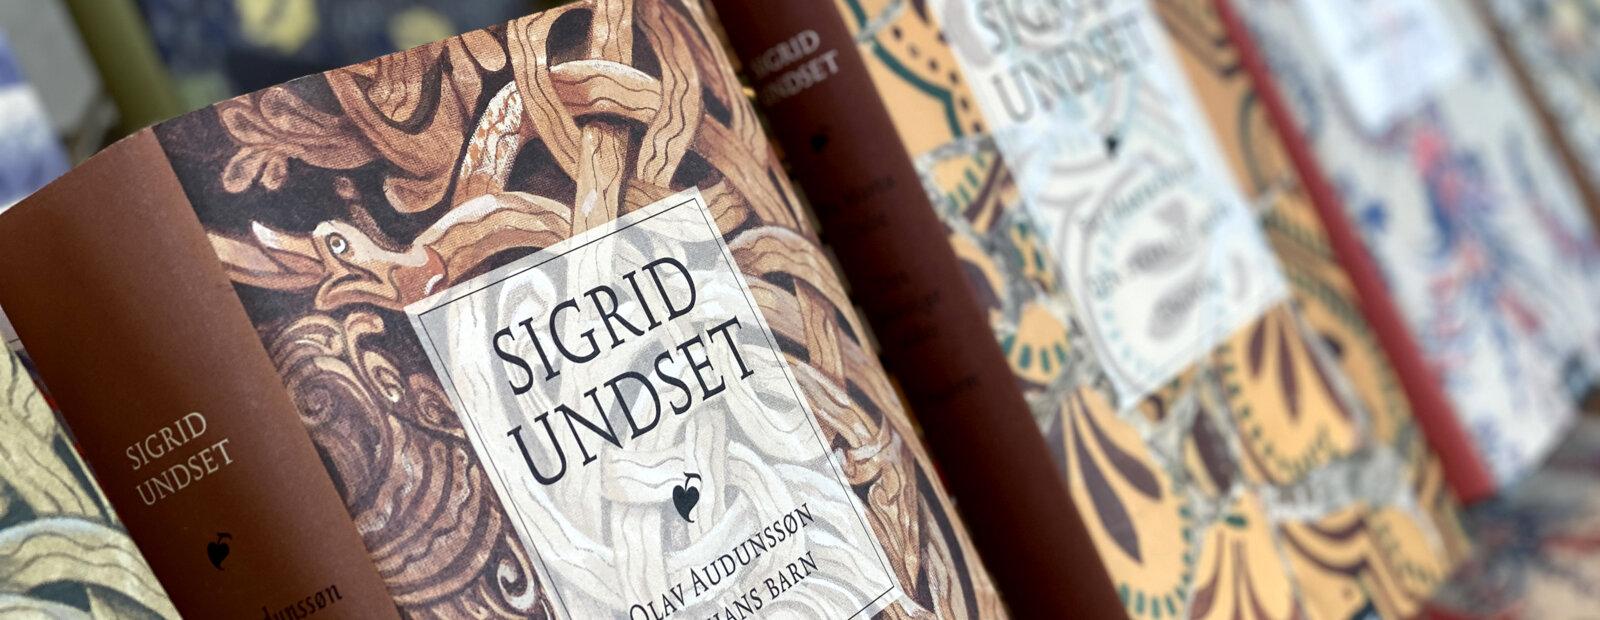 Fremsiden av diverse bøker av Sigrid Undset